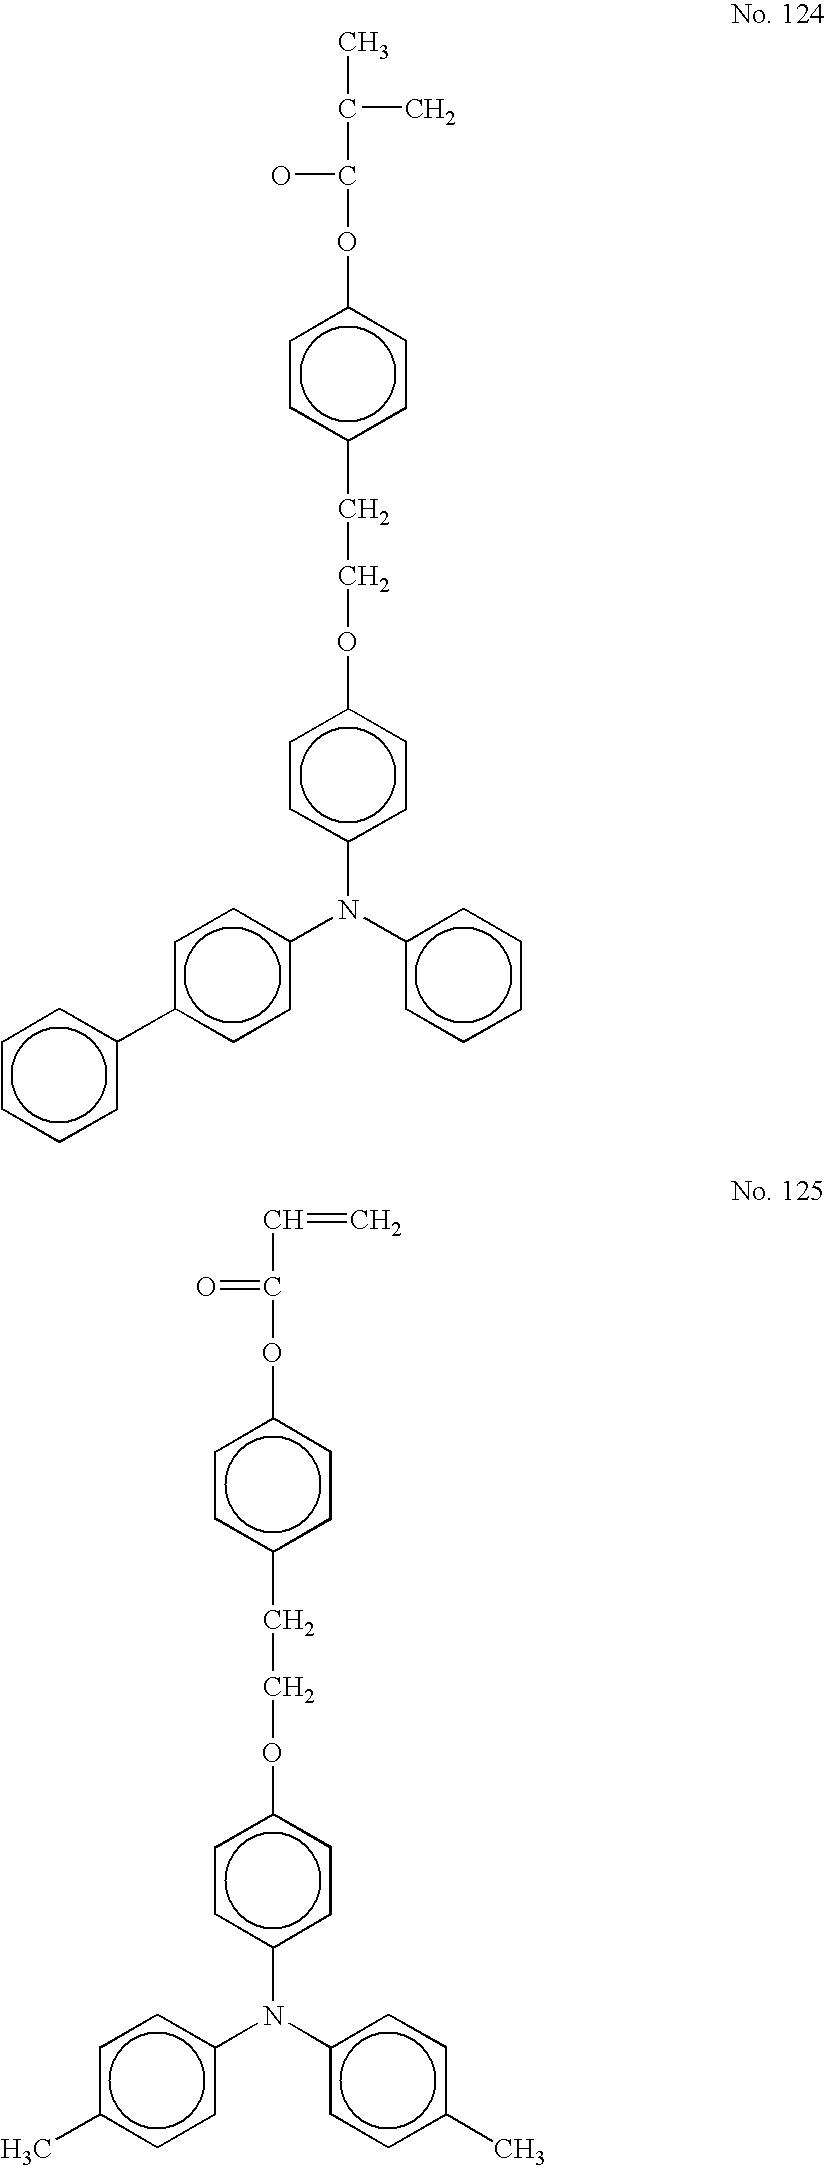 Figure US20050175911A1-20050811-C00045